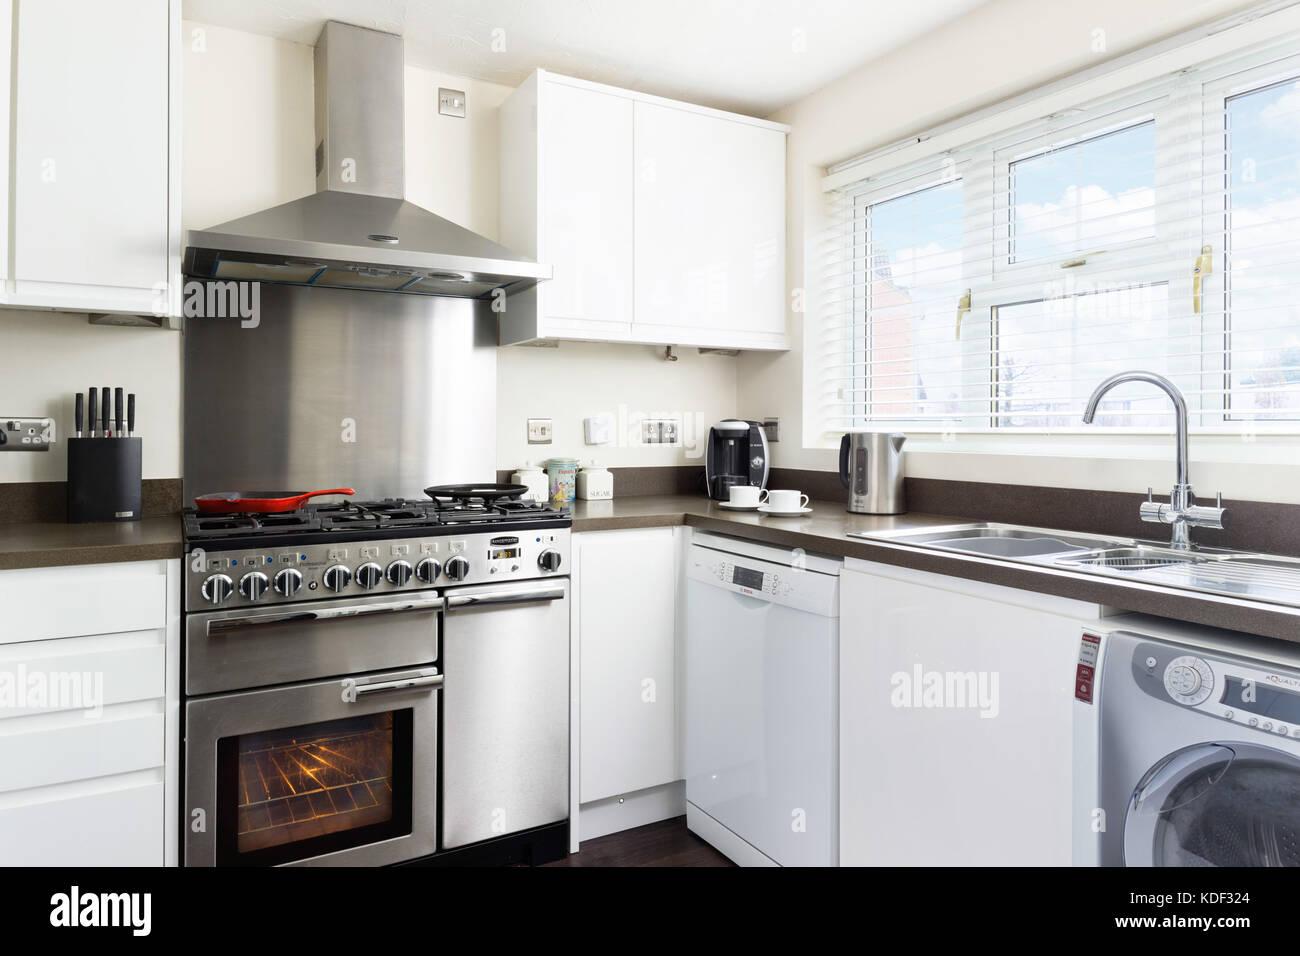 Eine kleine, saubere, frische, weiße Küche mit sortiment Edelstahl ...